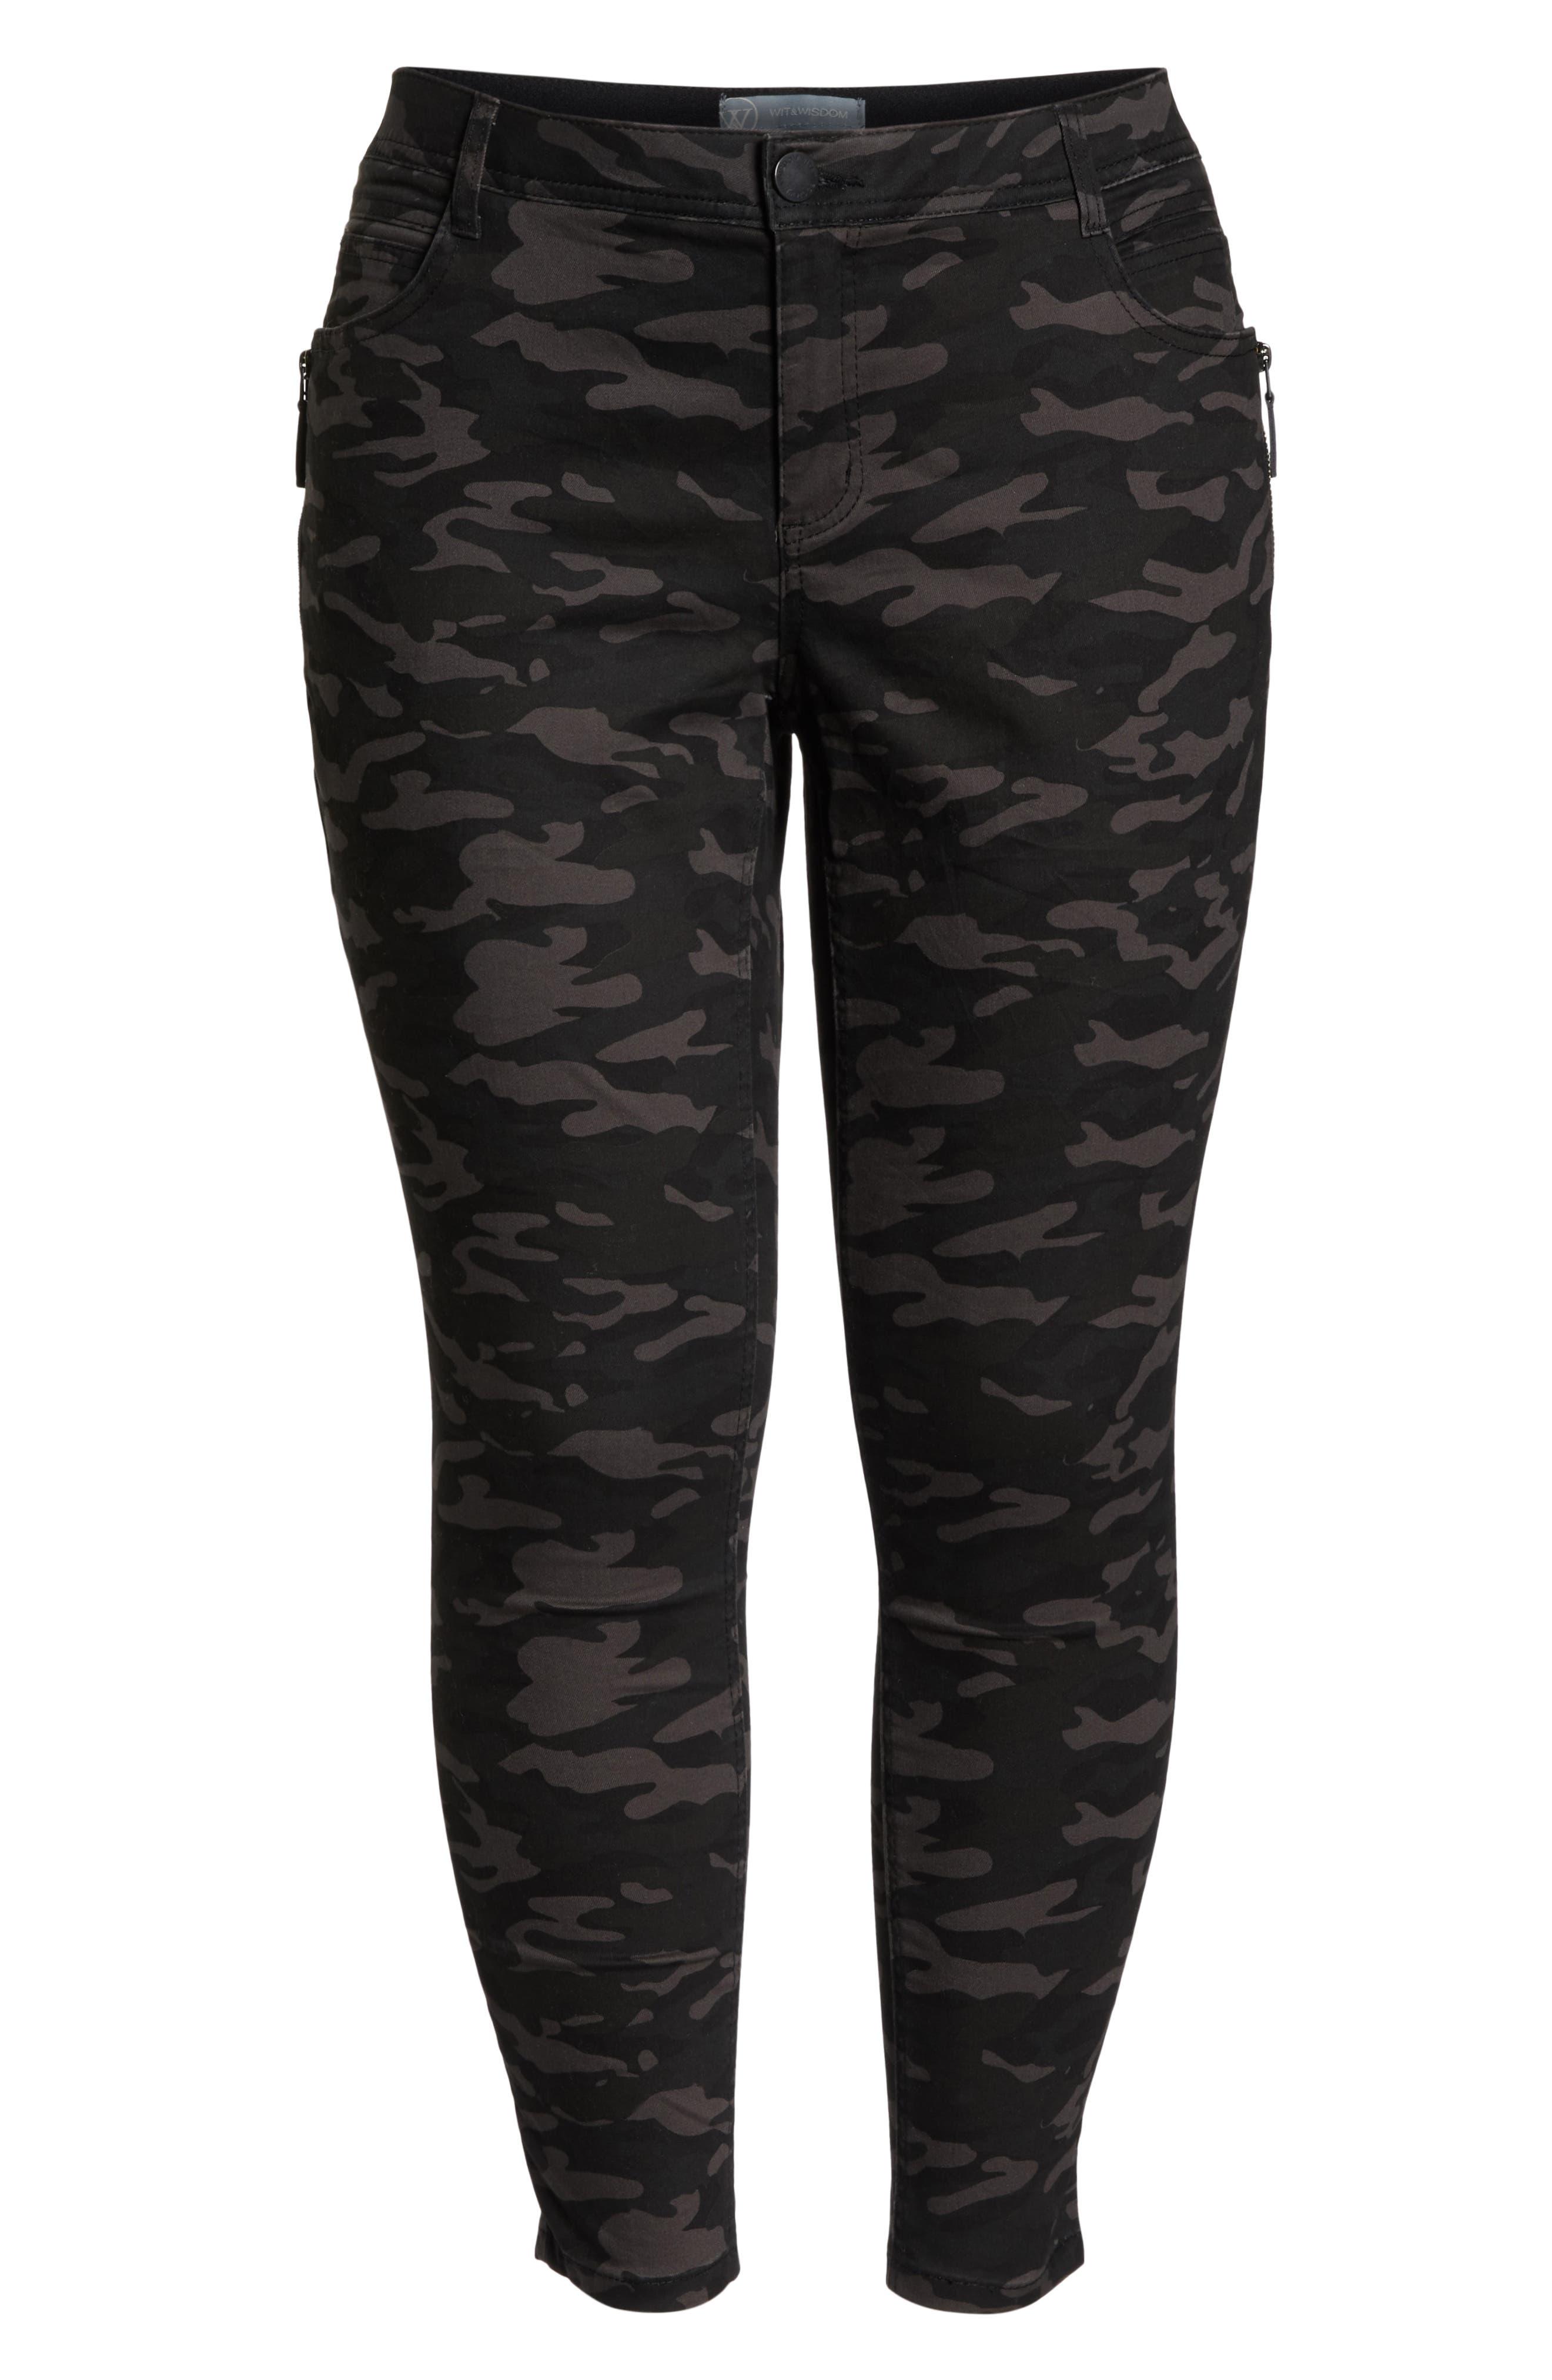 Ab-Solution Camo Ankle Pants,                             Alternate thumbnail 6, color,                             BLACK